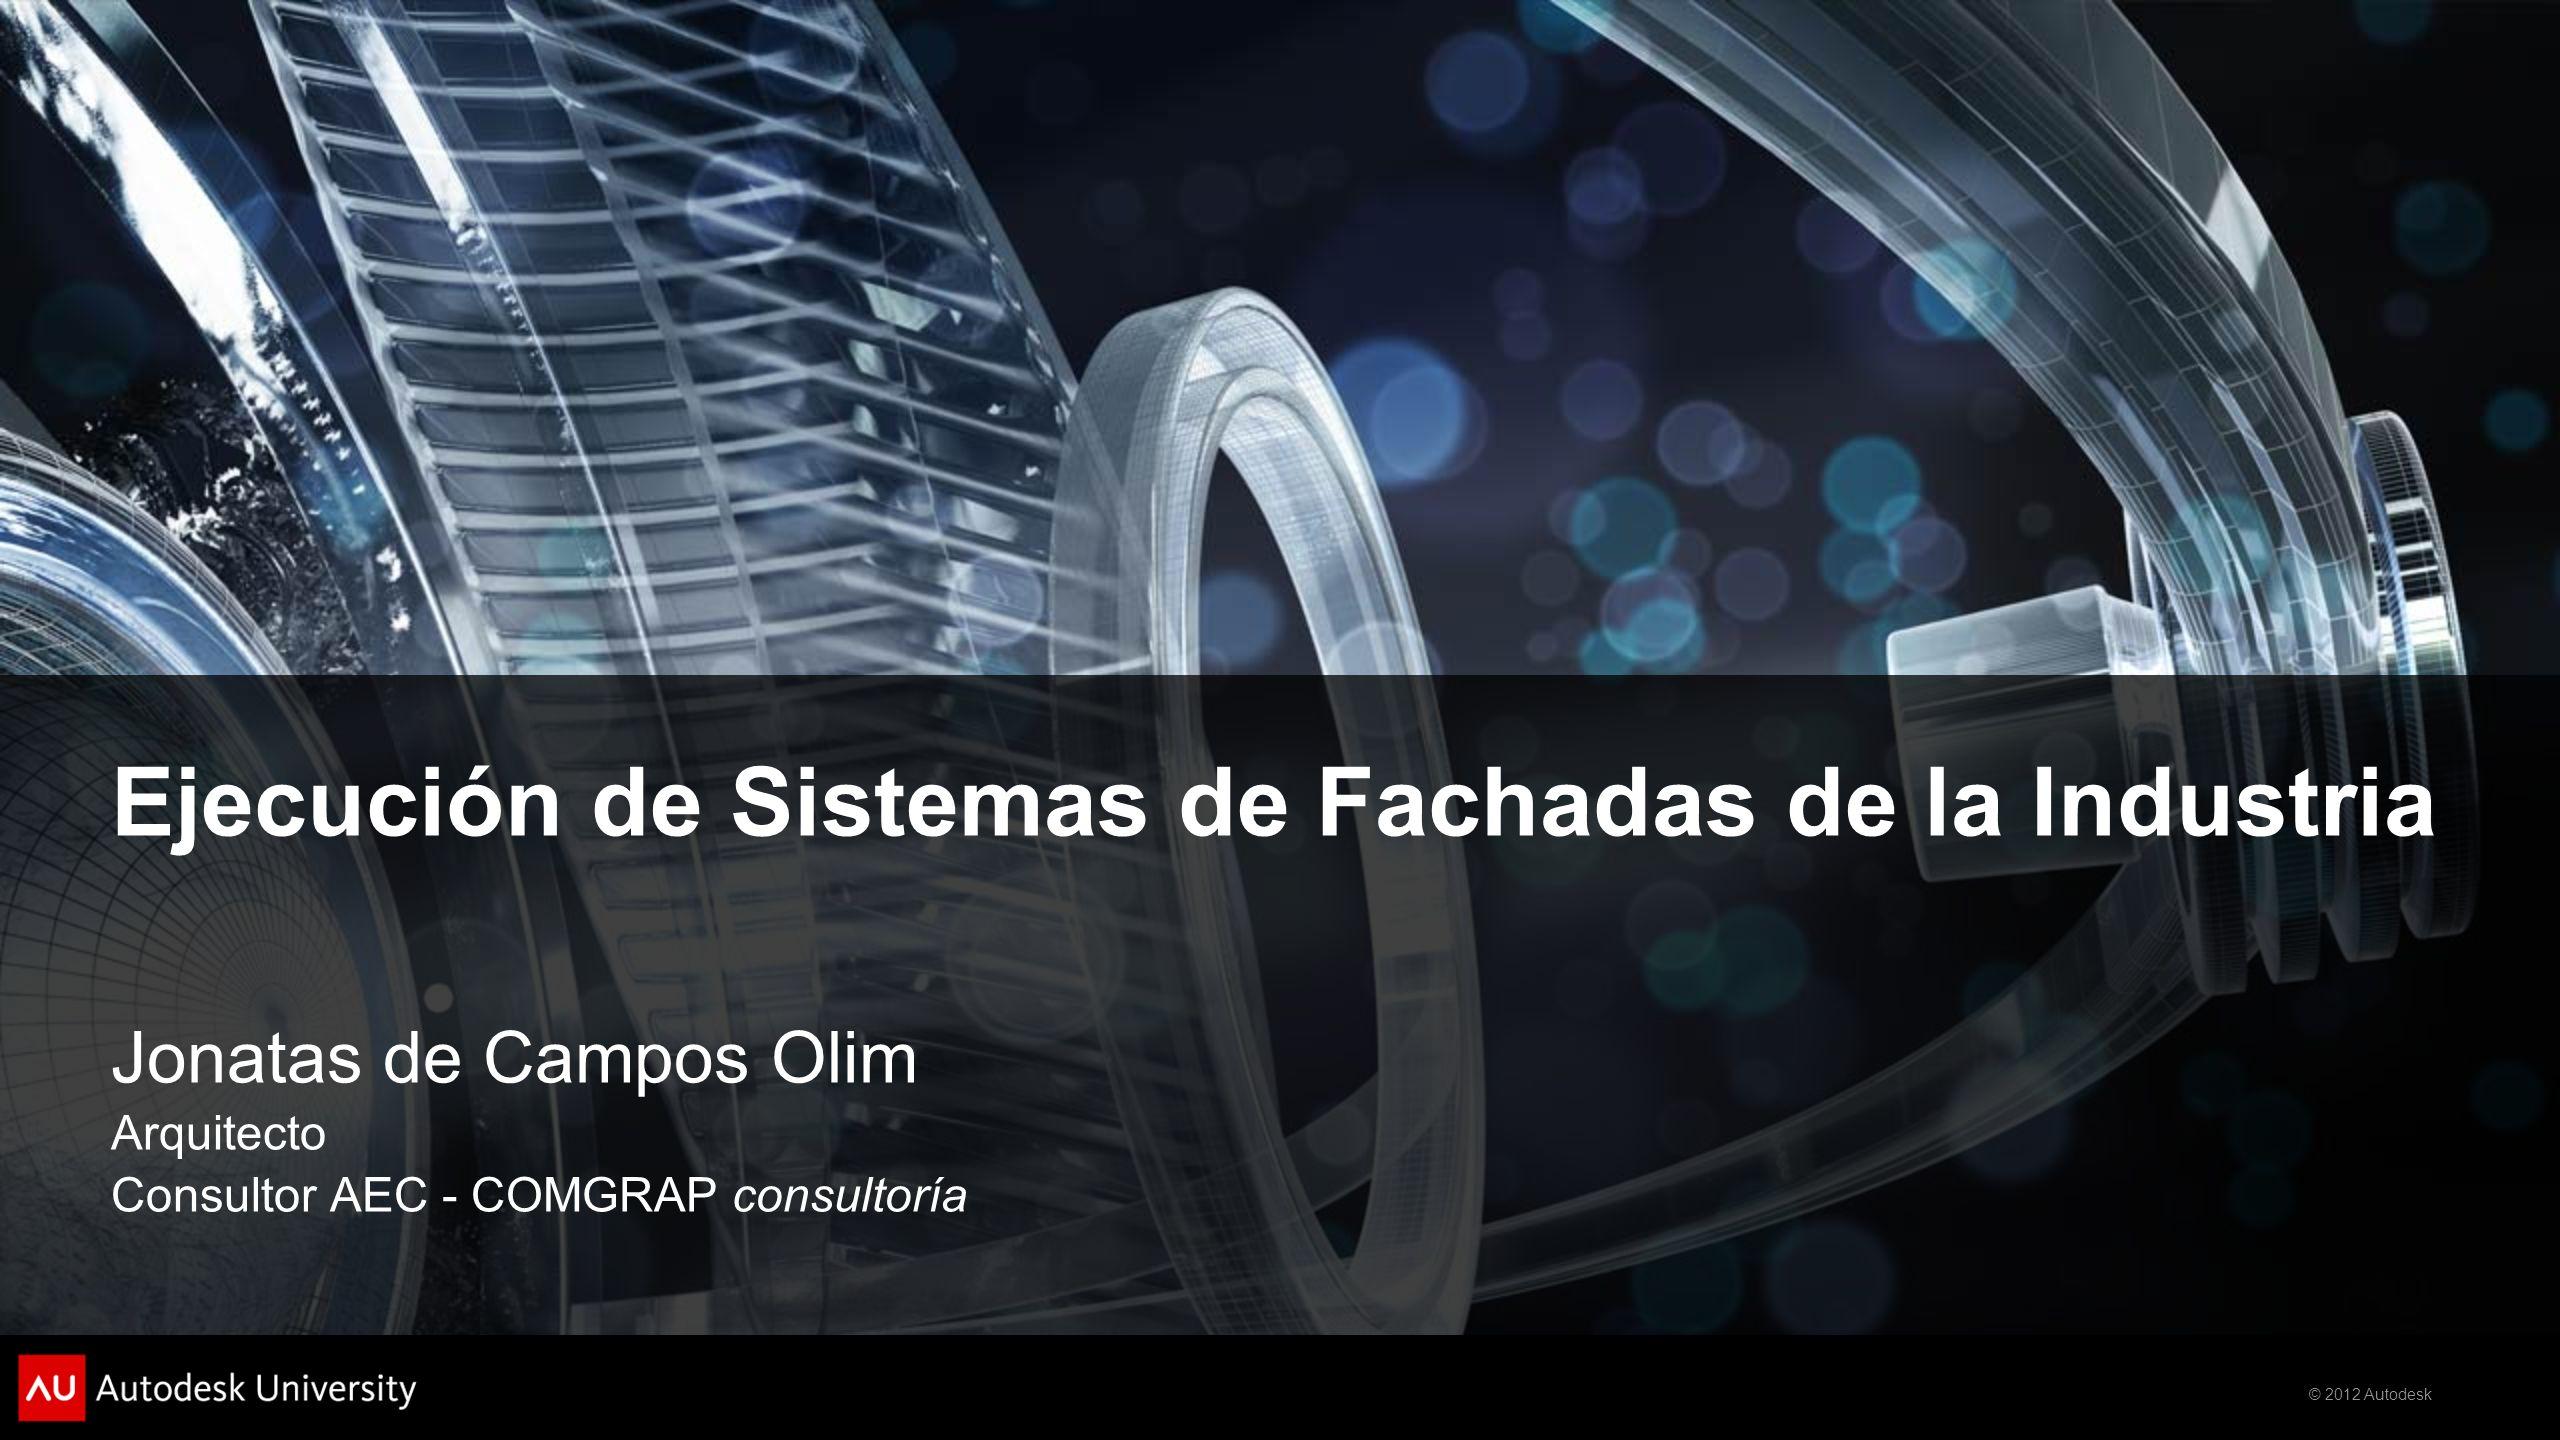 © 2012 Autodesk Ejecución de Sistemas de Fachadas de la Industria Jonatas de Campos Olim Arquitecto Consultor AEC - COMGRAP consultoría